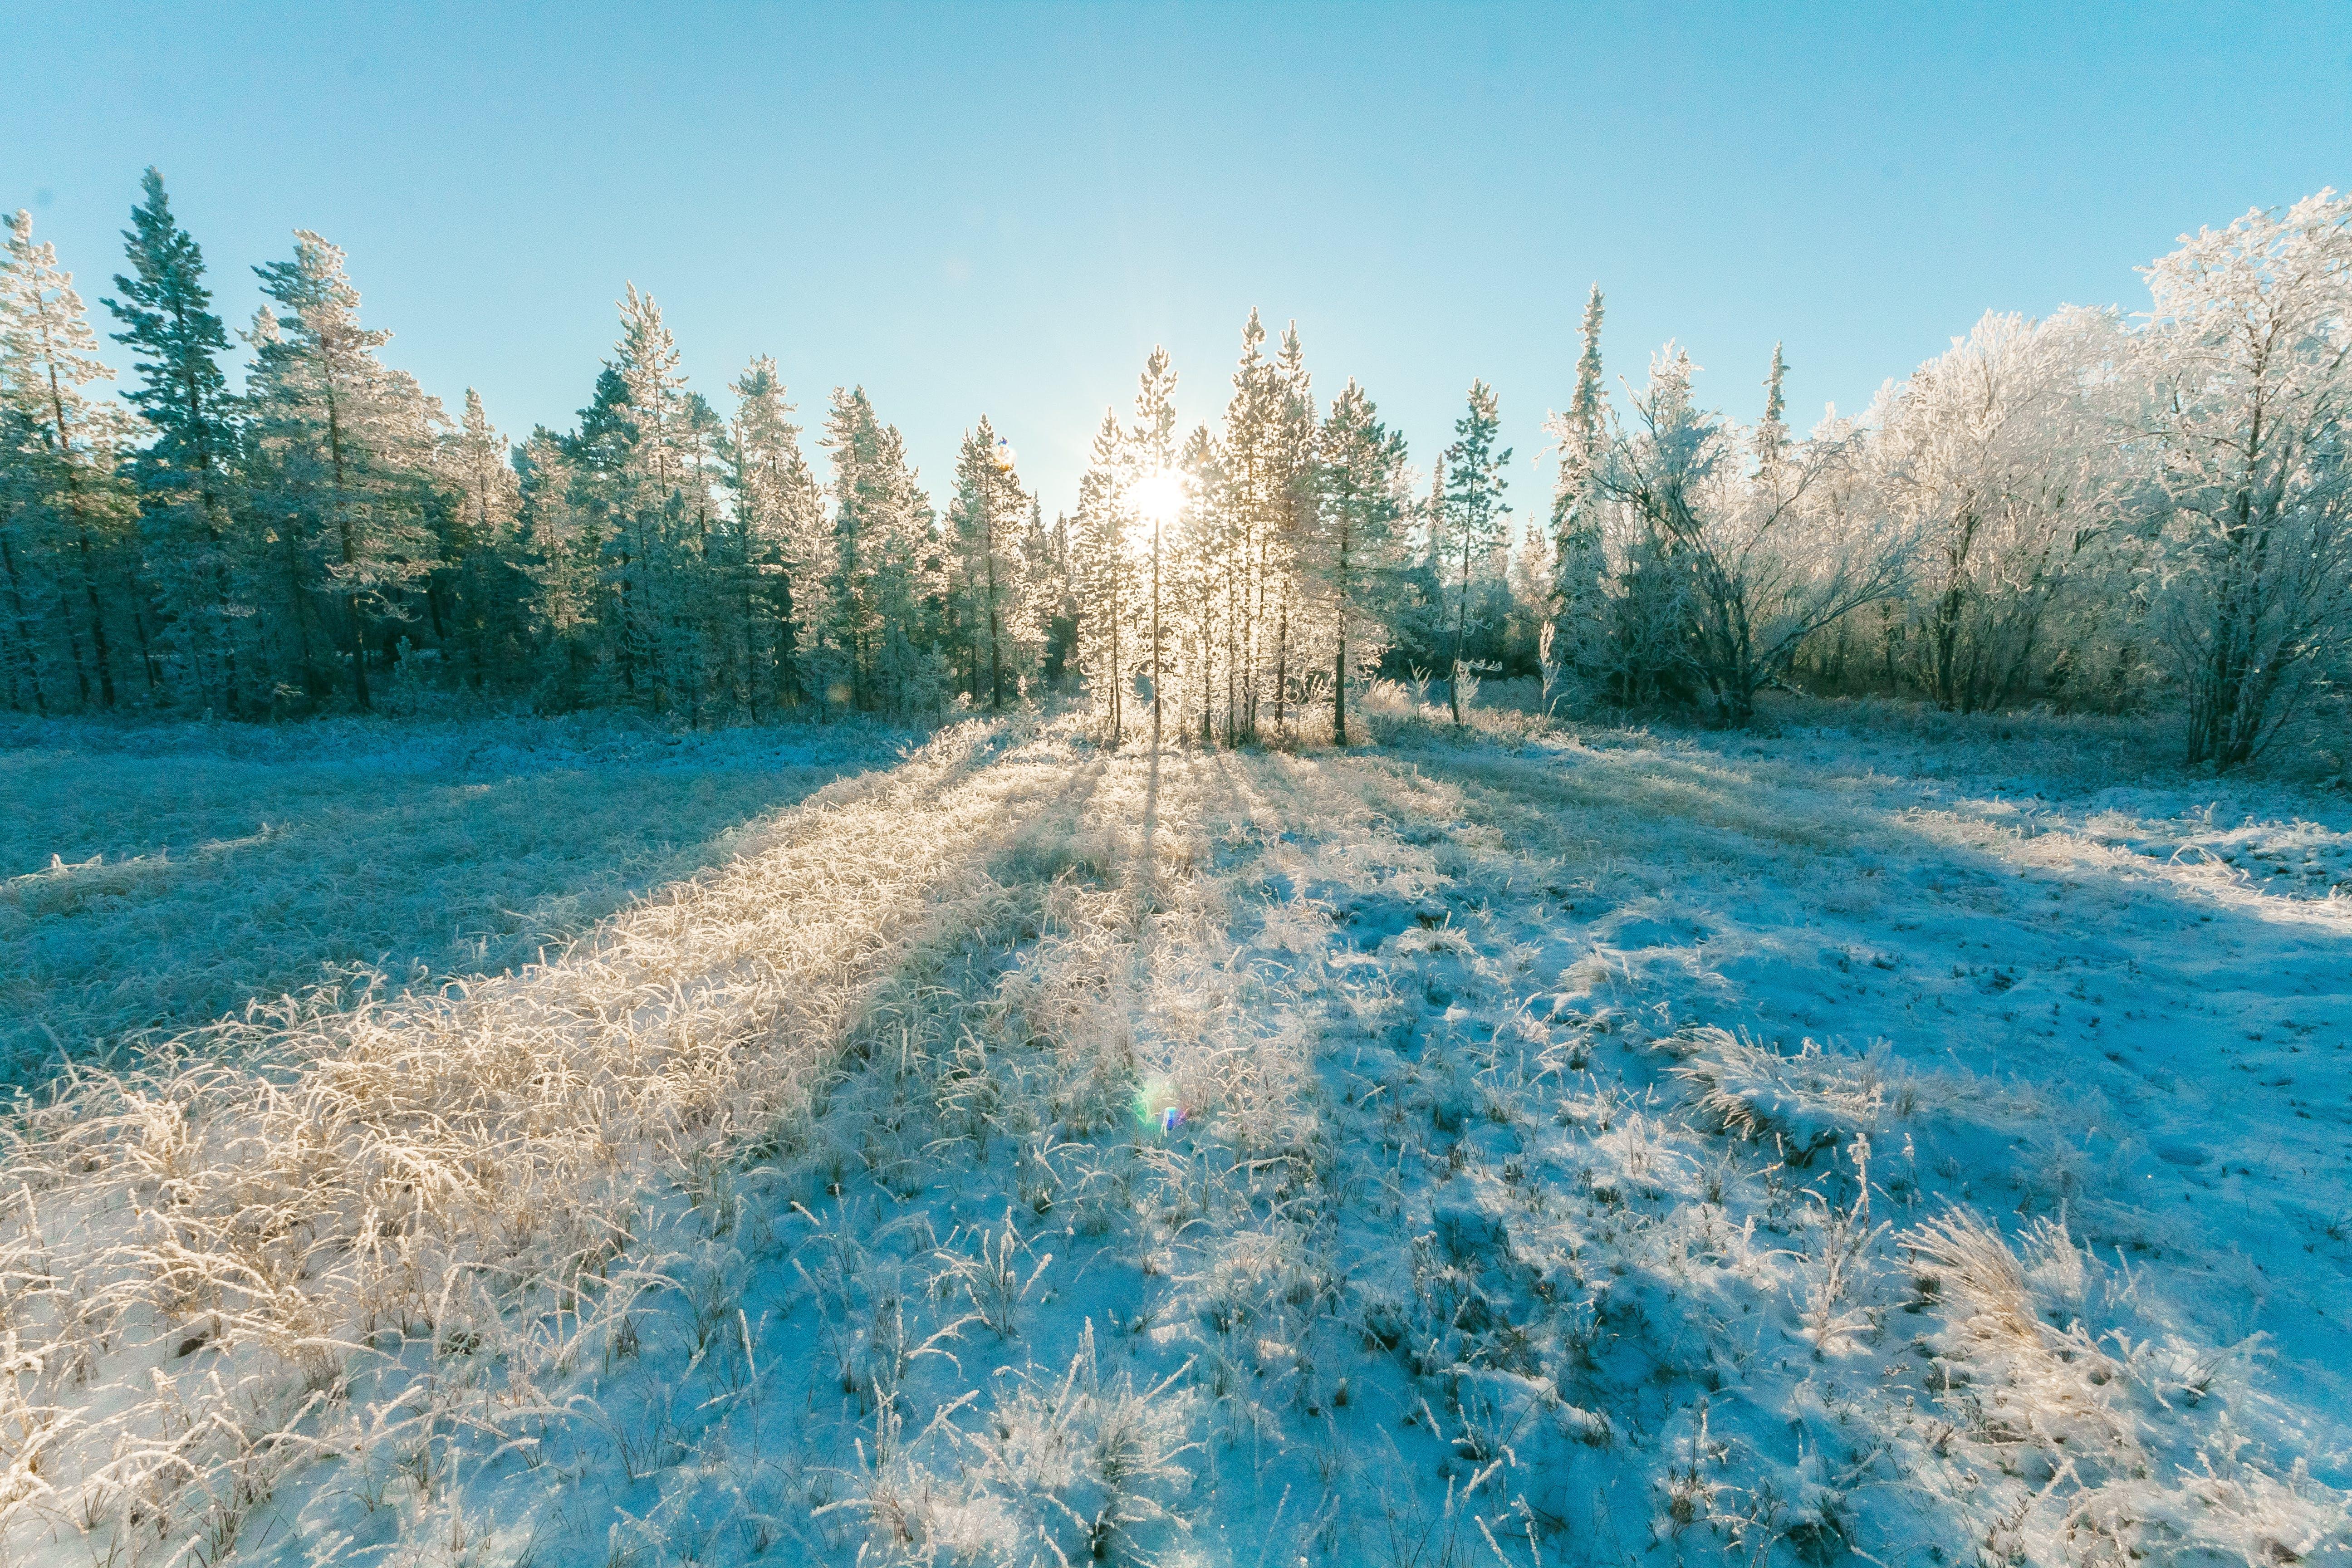 Fotos de stock gratuitas de arboles, bosque, congelando, escarcha